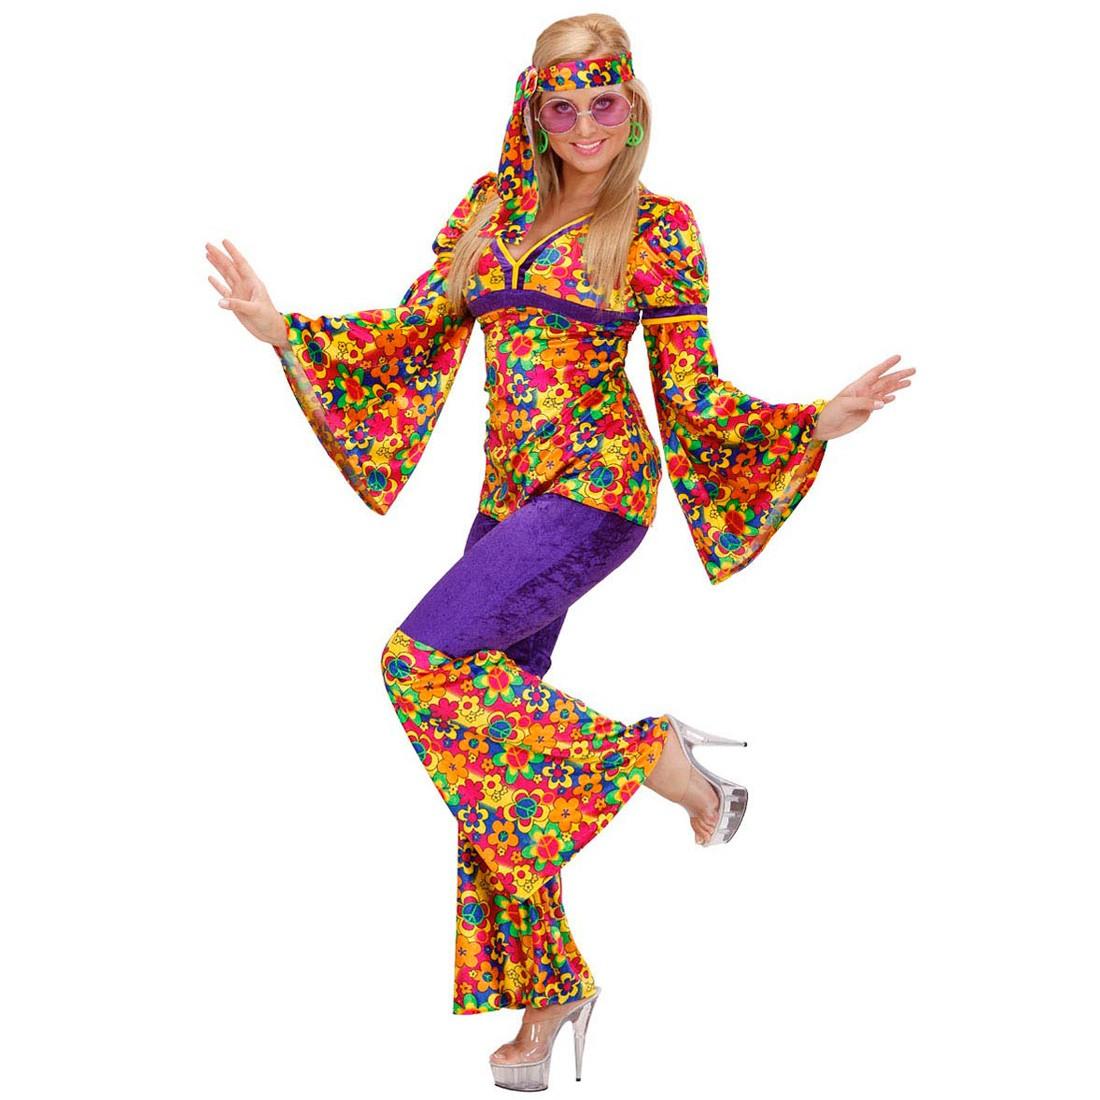 Damen Hippie Kostume Flower Power M 29 99